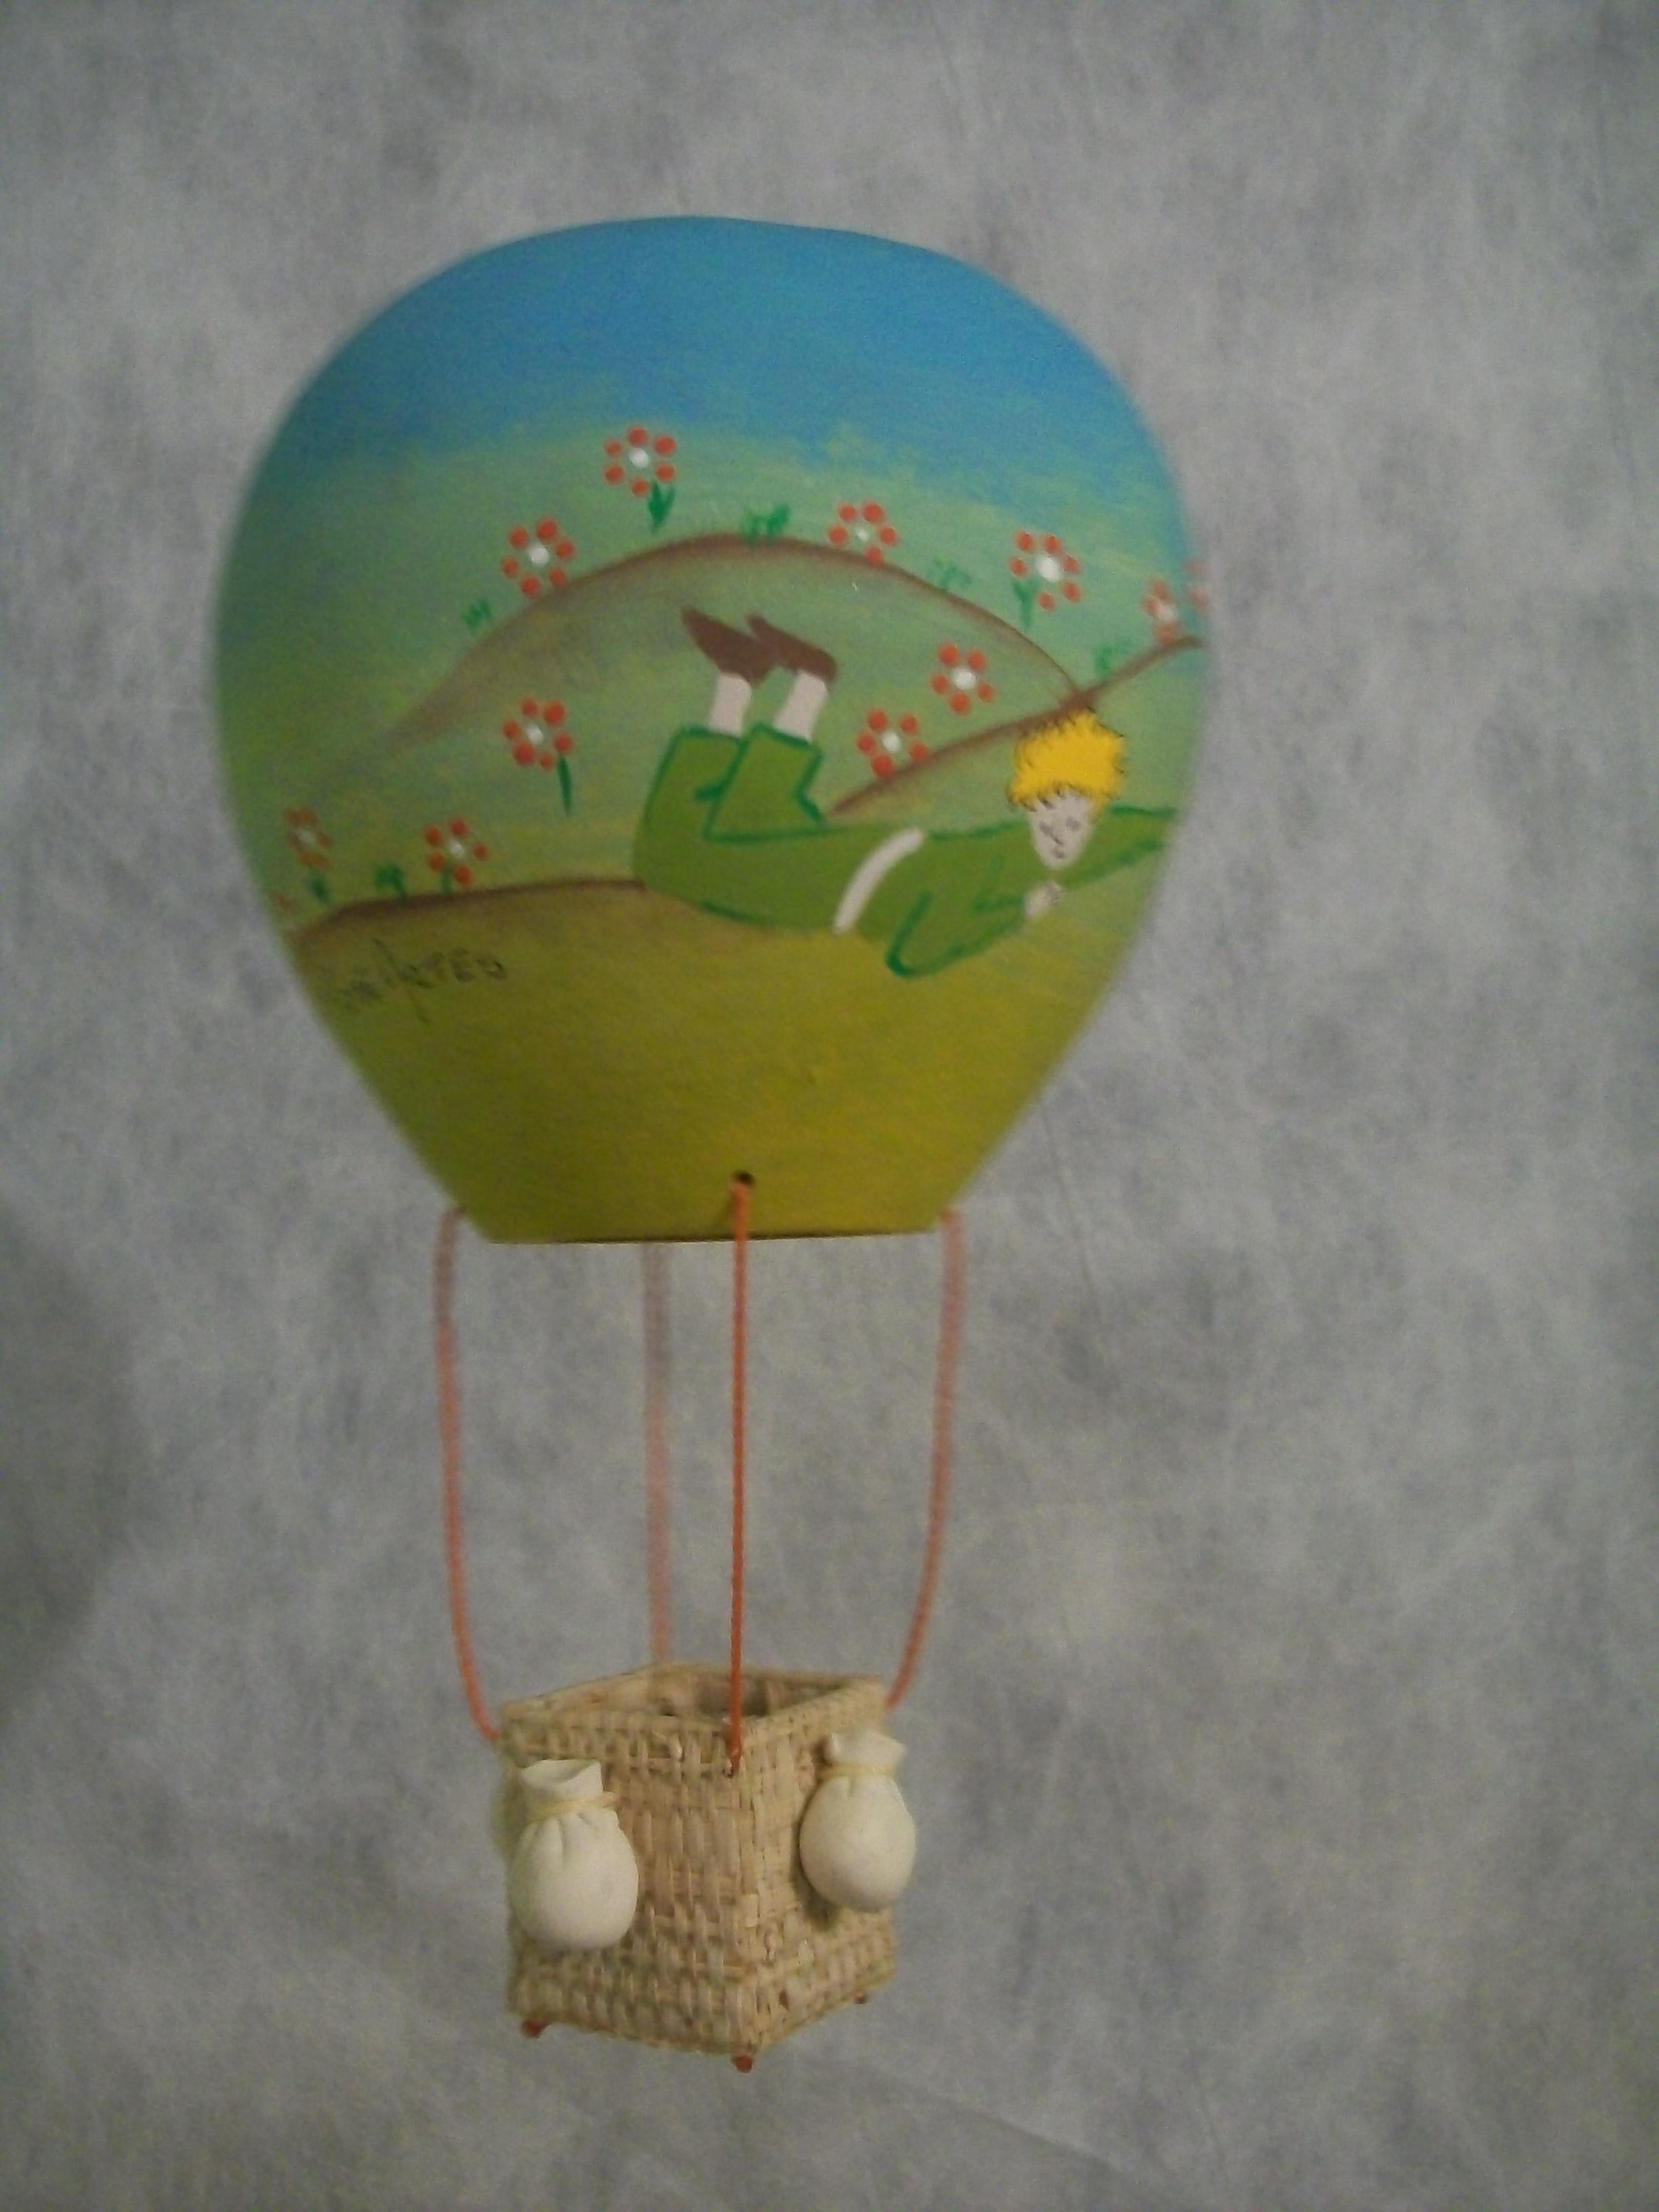 artesanato no jardim : artesanato no jardim:Balão Pequeno Príncipe no jardim